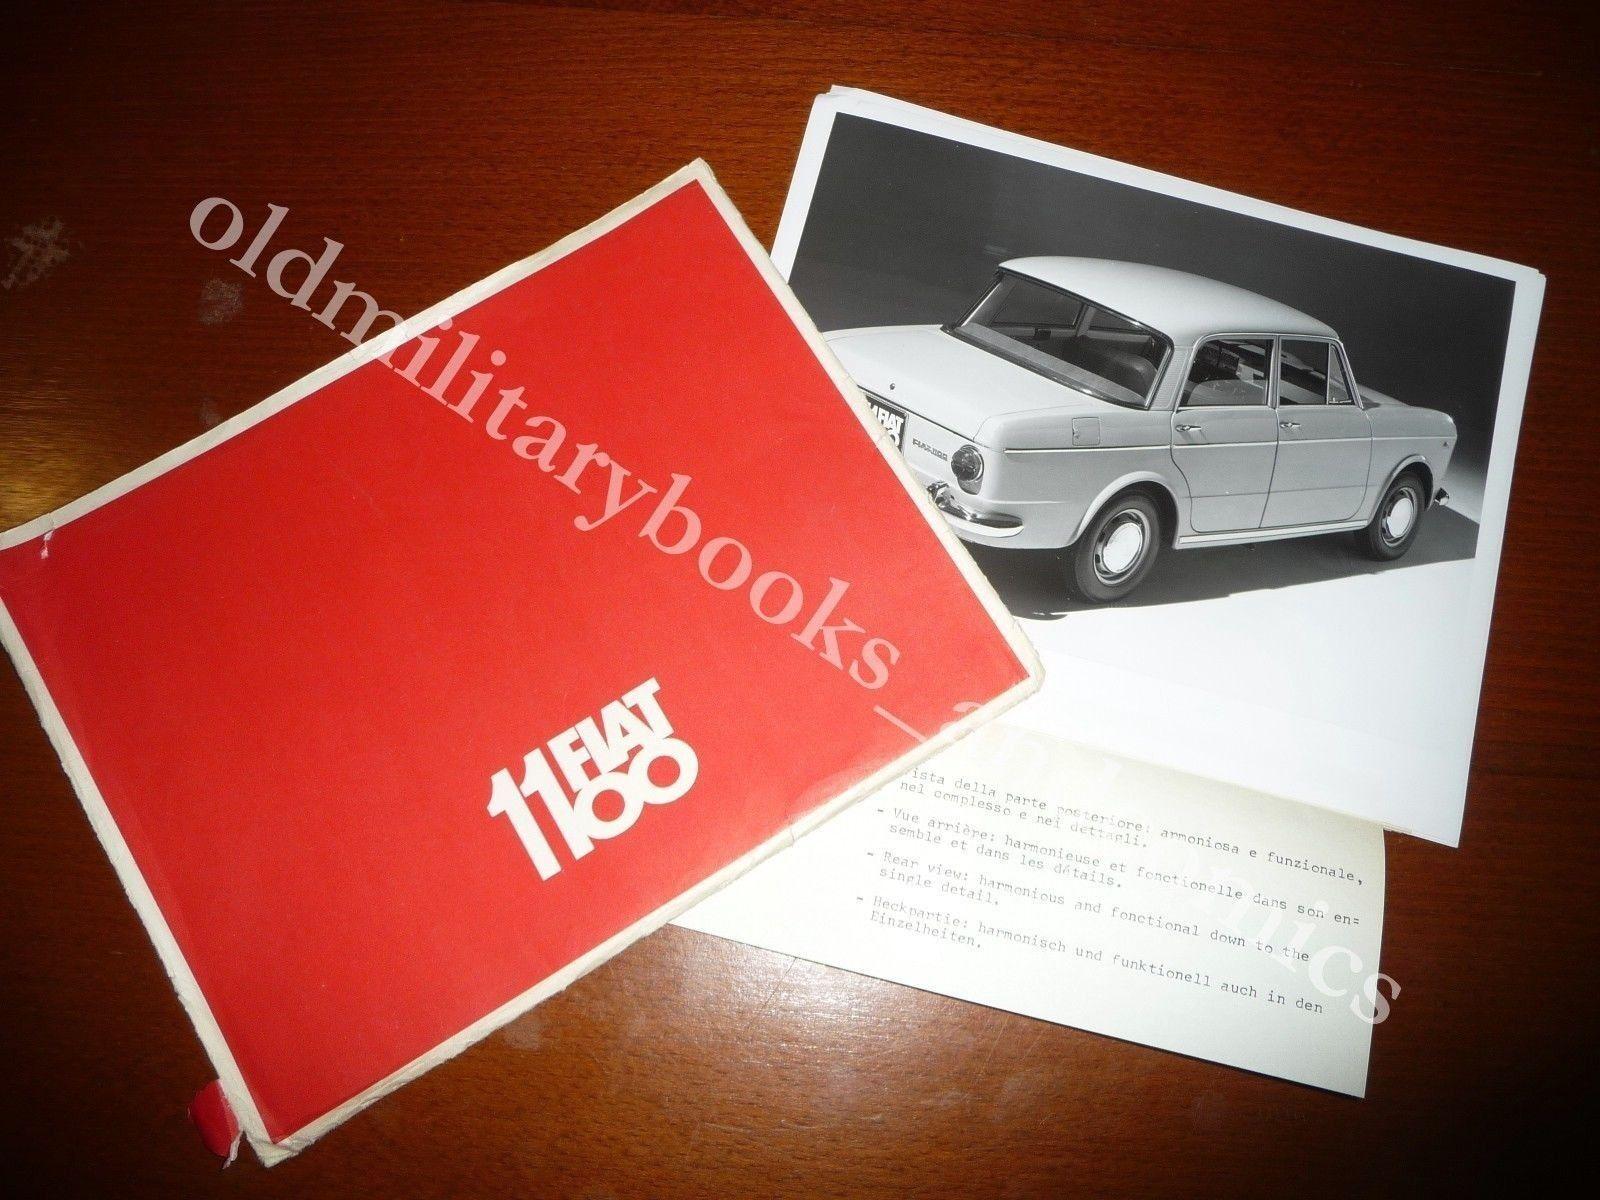 RACCOGLITORE PUBBLICITARIO CON 8 FOTO DESCRITTIVE DELLA FIAT 1100 co DESCRIZIONE